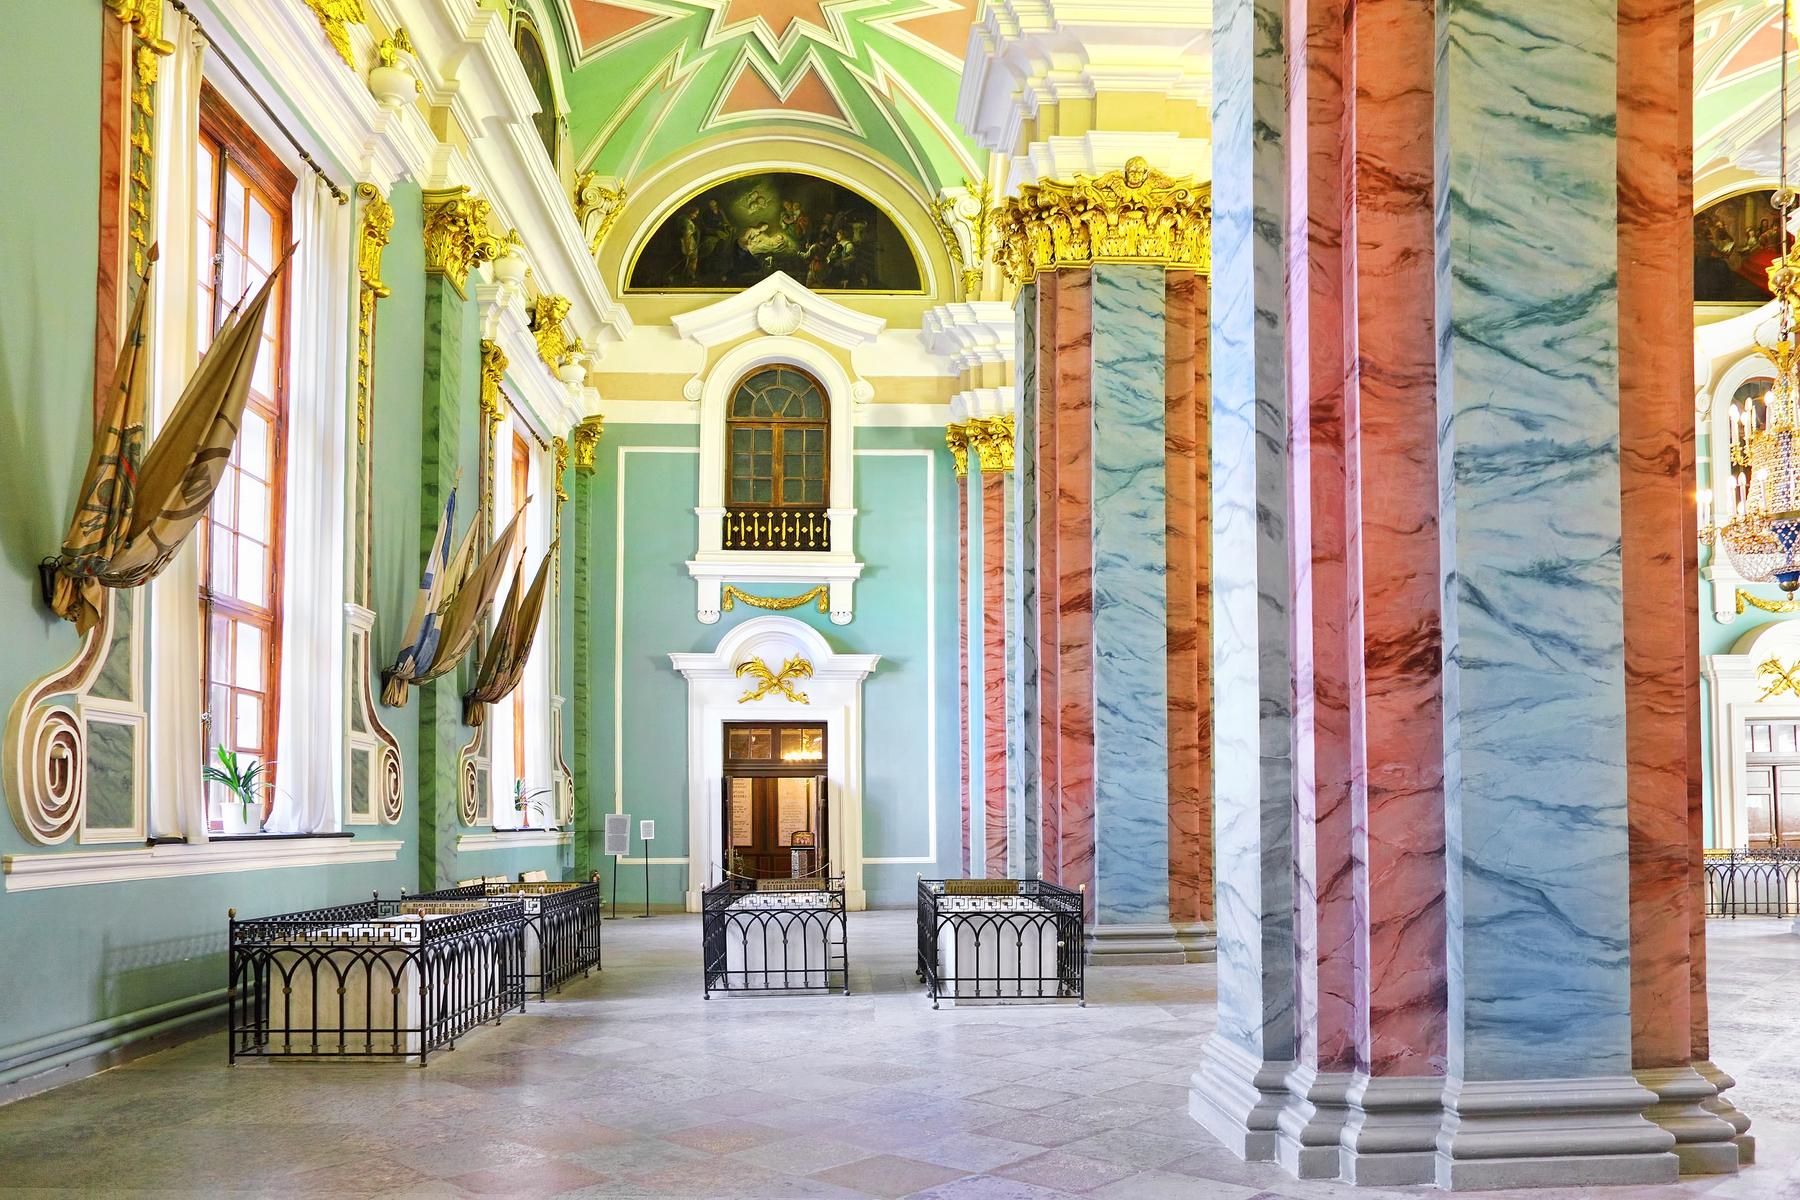 Стейкейшен в России: правила посещения музеев изменились. Петропавловская крепость в Санкт-Петербурге